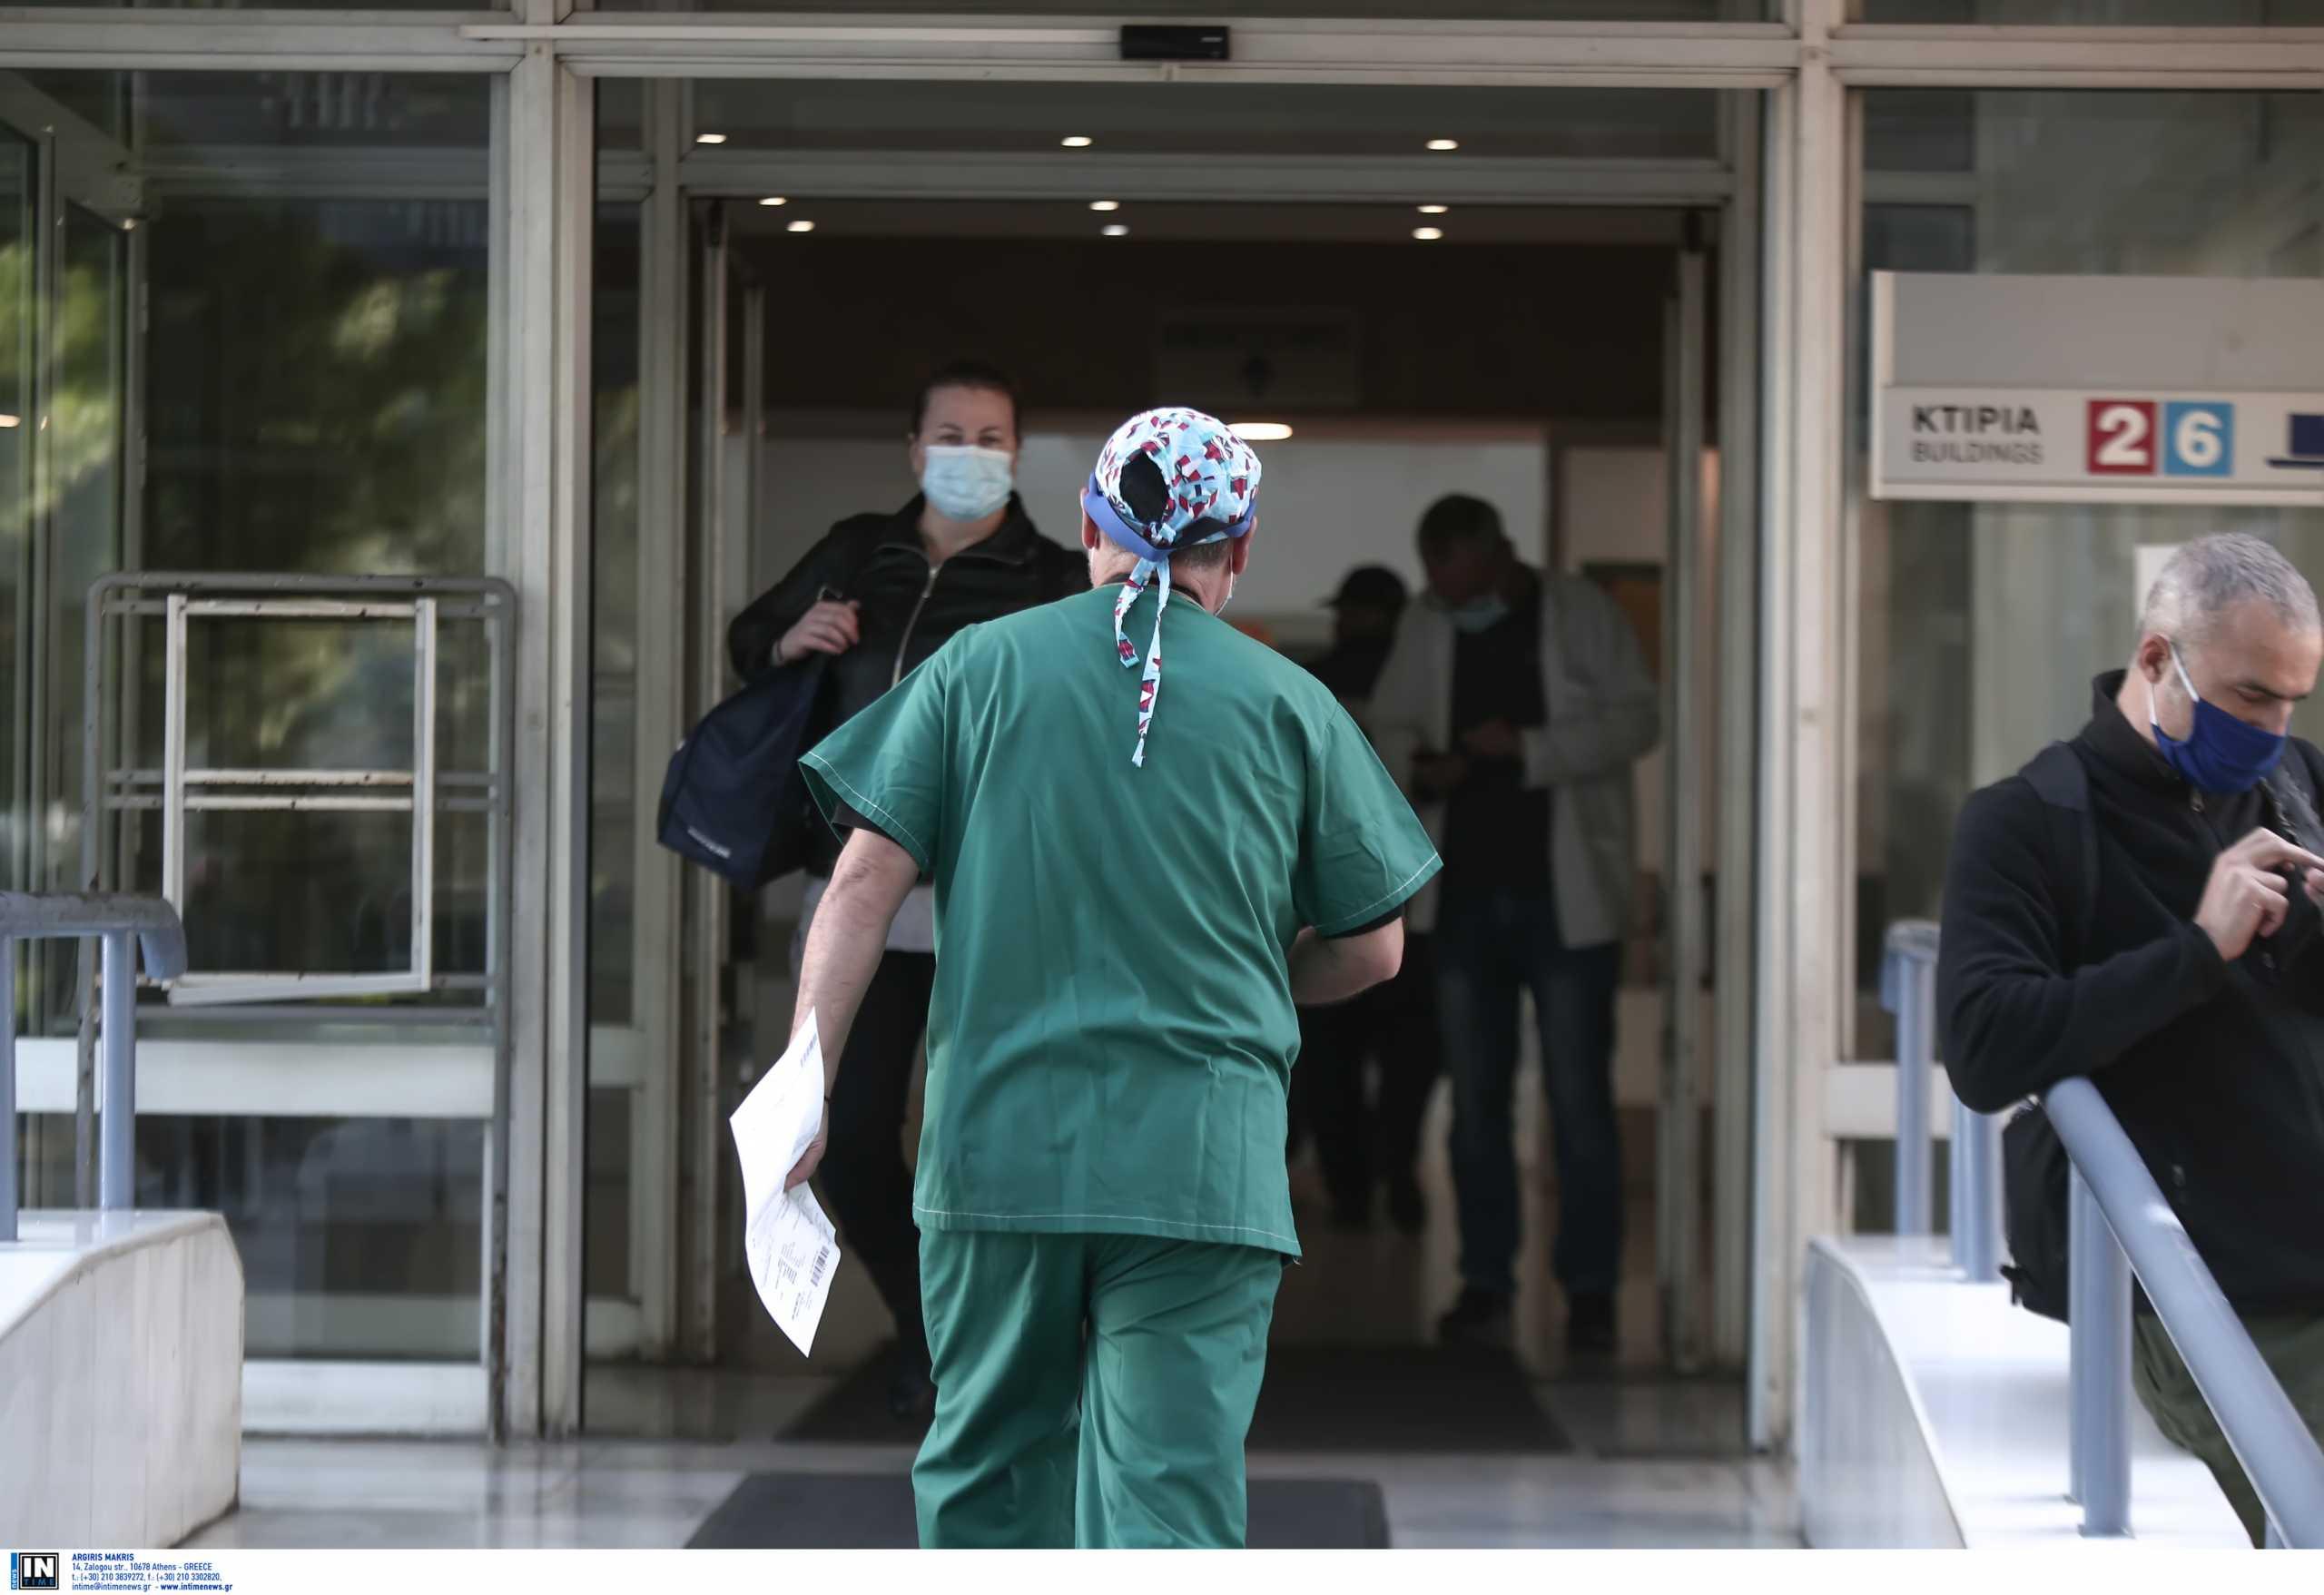 Κορονοϊός – Καβάλα: Με μηδέν αντισώματα διαγνώστηκε ανεμβολίαστος γιατρός του νοσοκομείου